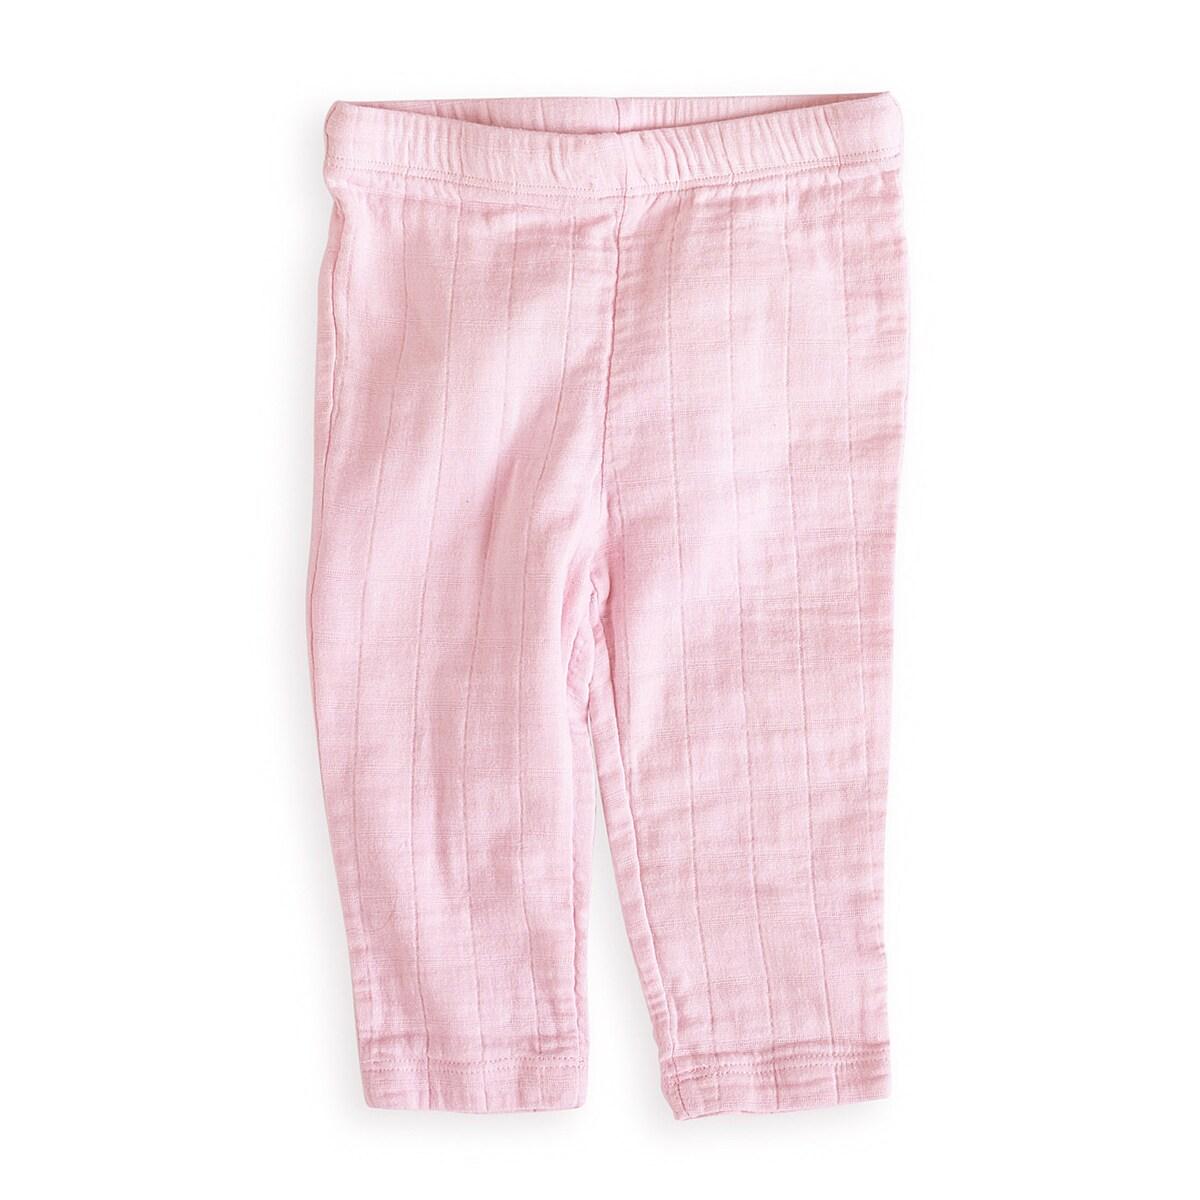 aden + anais Girls 6-9 Months Lovely Pink Muslin Pants